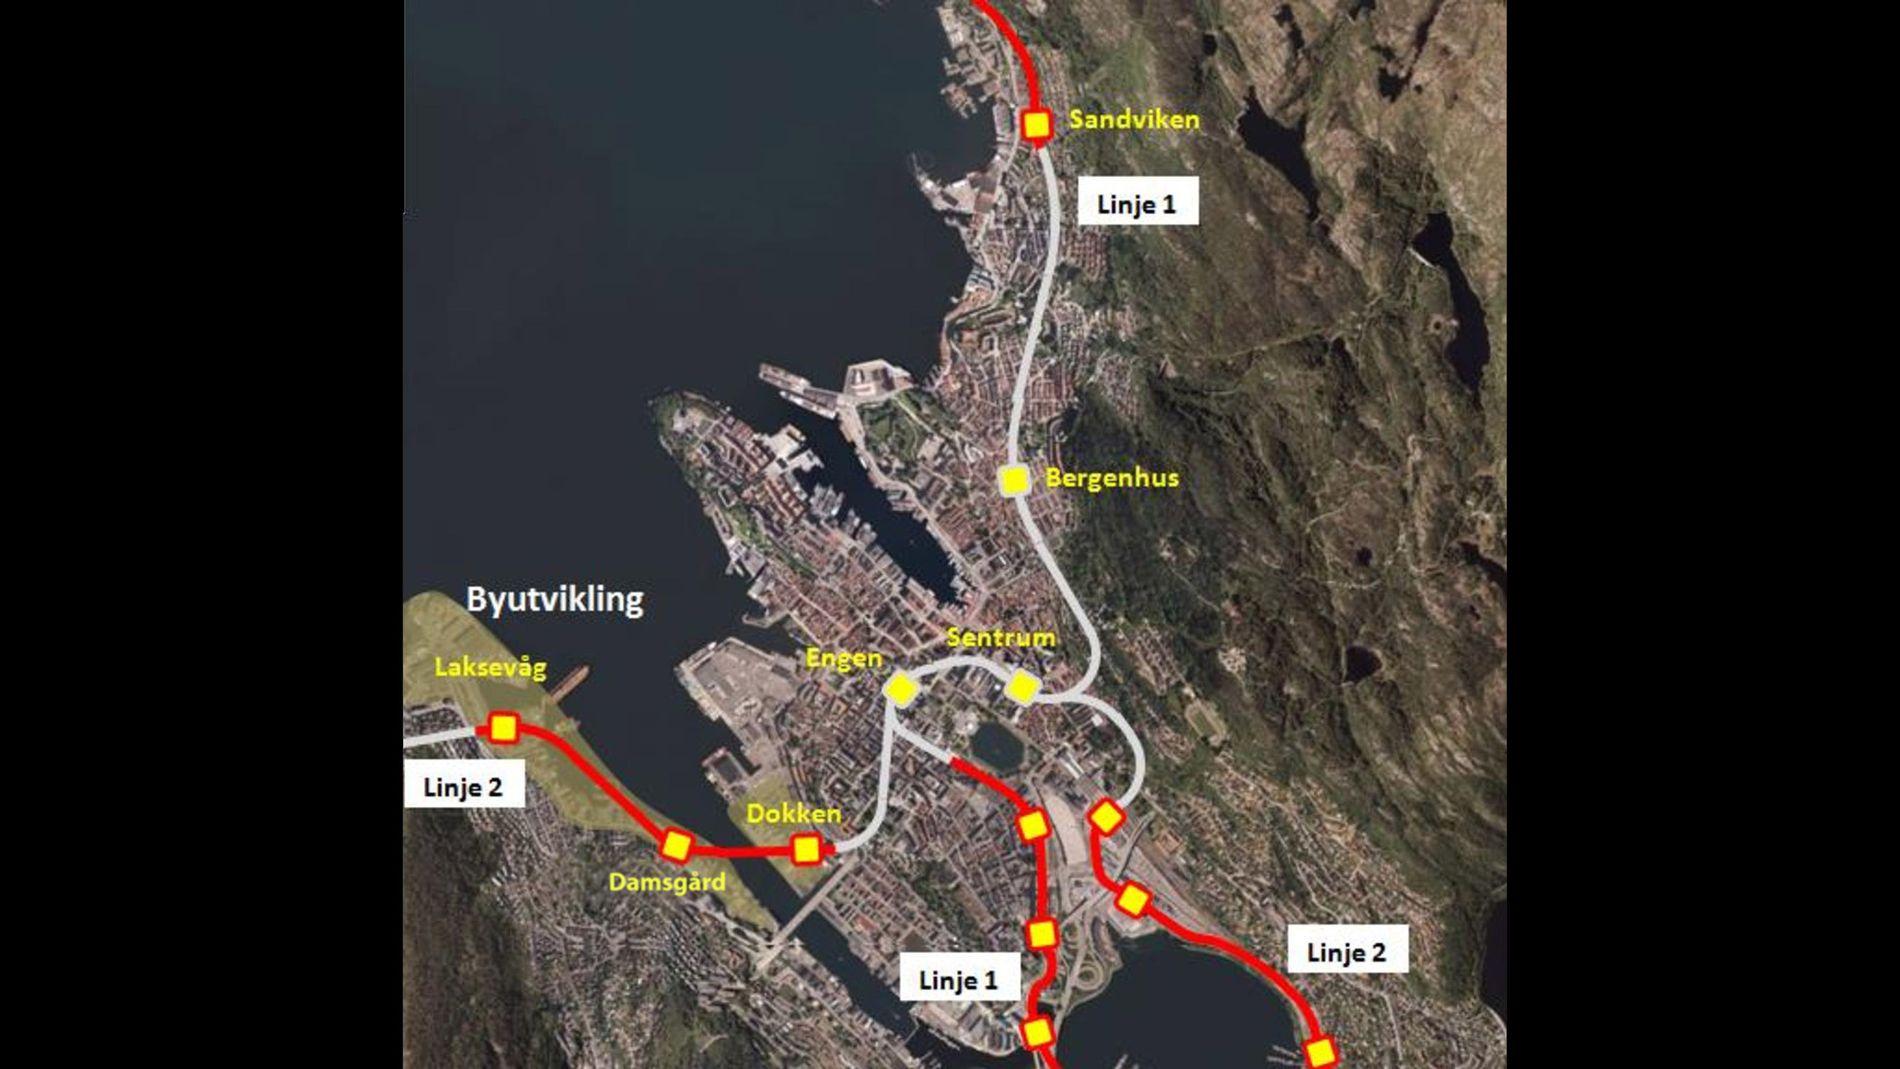 TUNNELPLAN: Innsenderen, som har lang erfaring som ruteplanlegger, ønsker seg et nettverk av bybanetunneler under Bergen sentrum. Her er skissen hans.